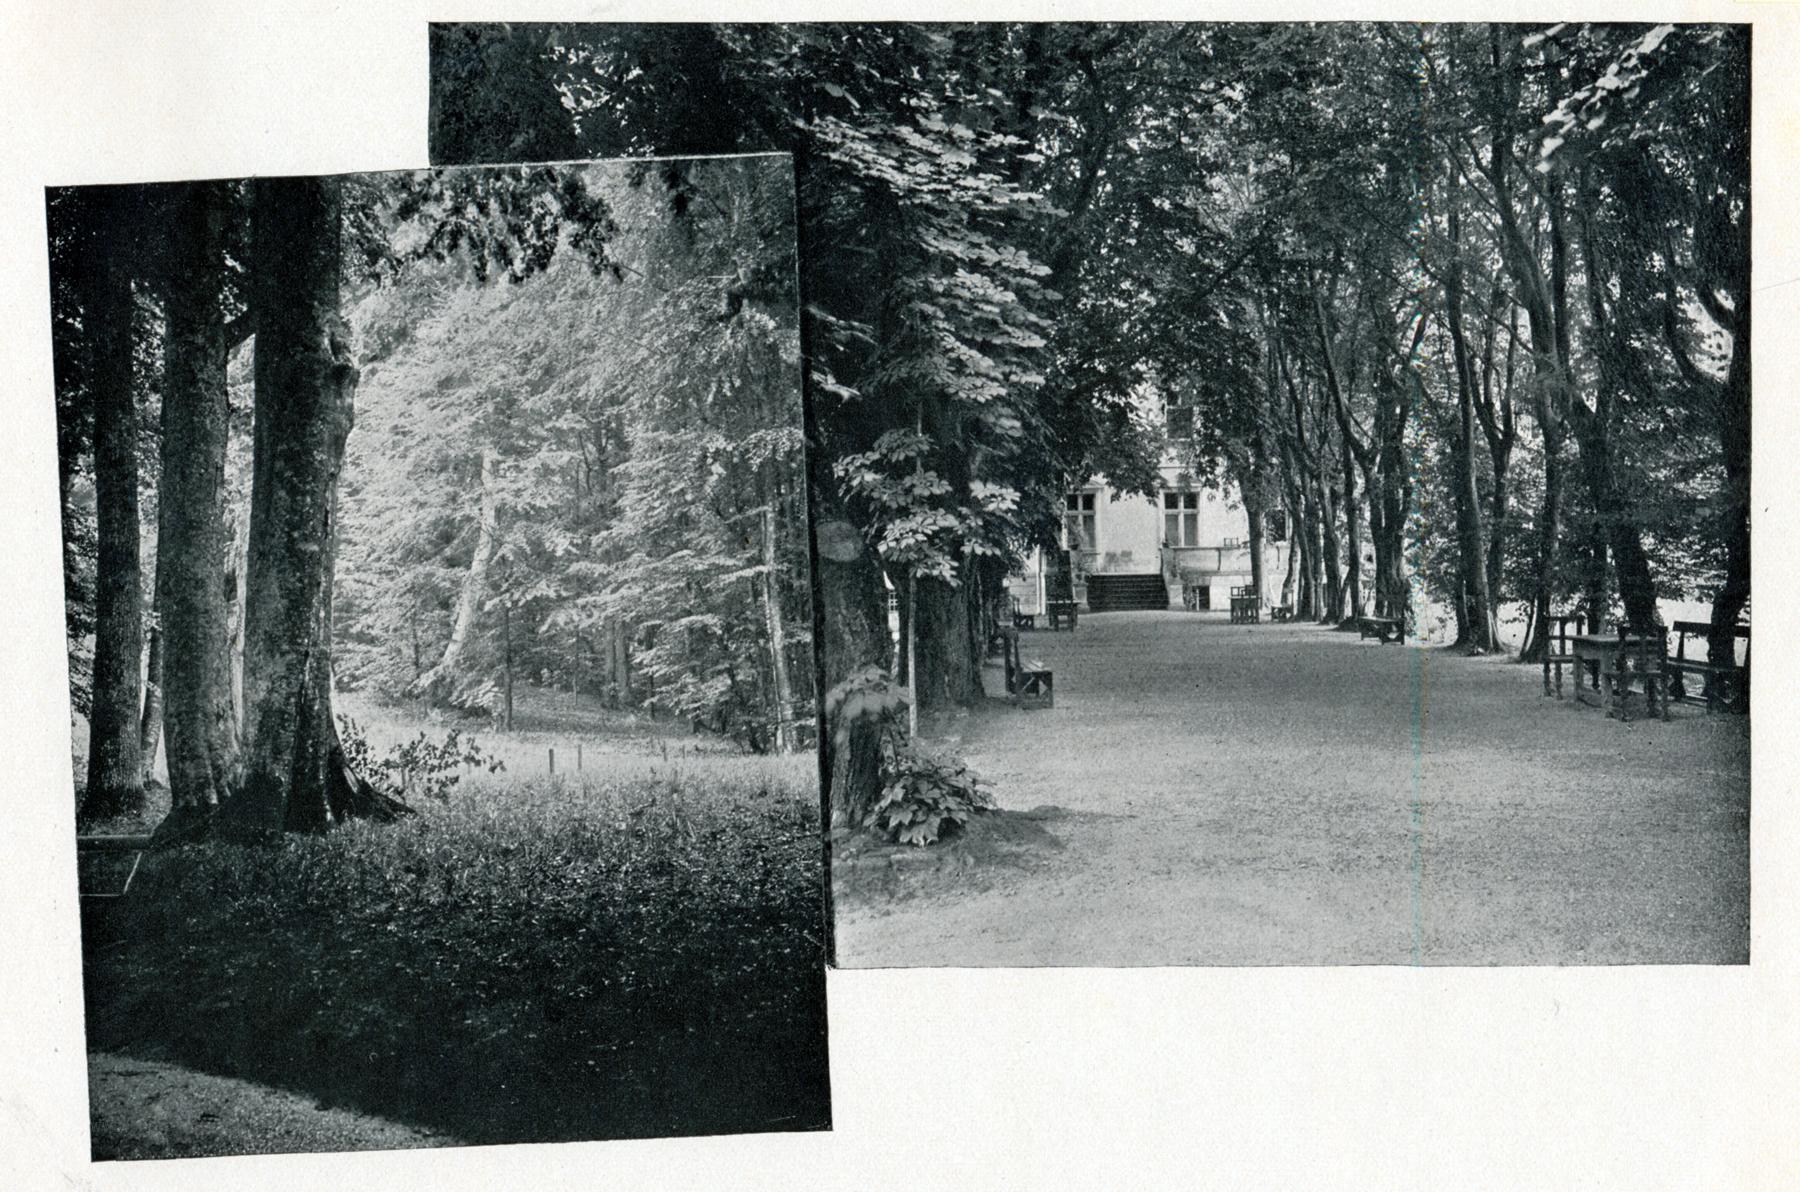 sommeraufenthalt-der-deutschen-kaiserfamilie-cadinen-s.11_garten-mit-wohnhaus